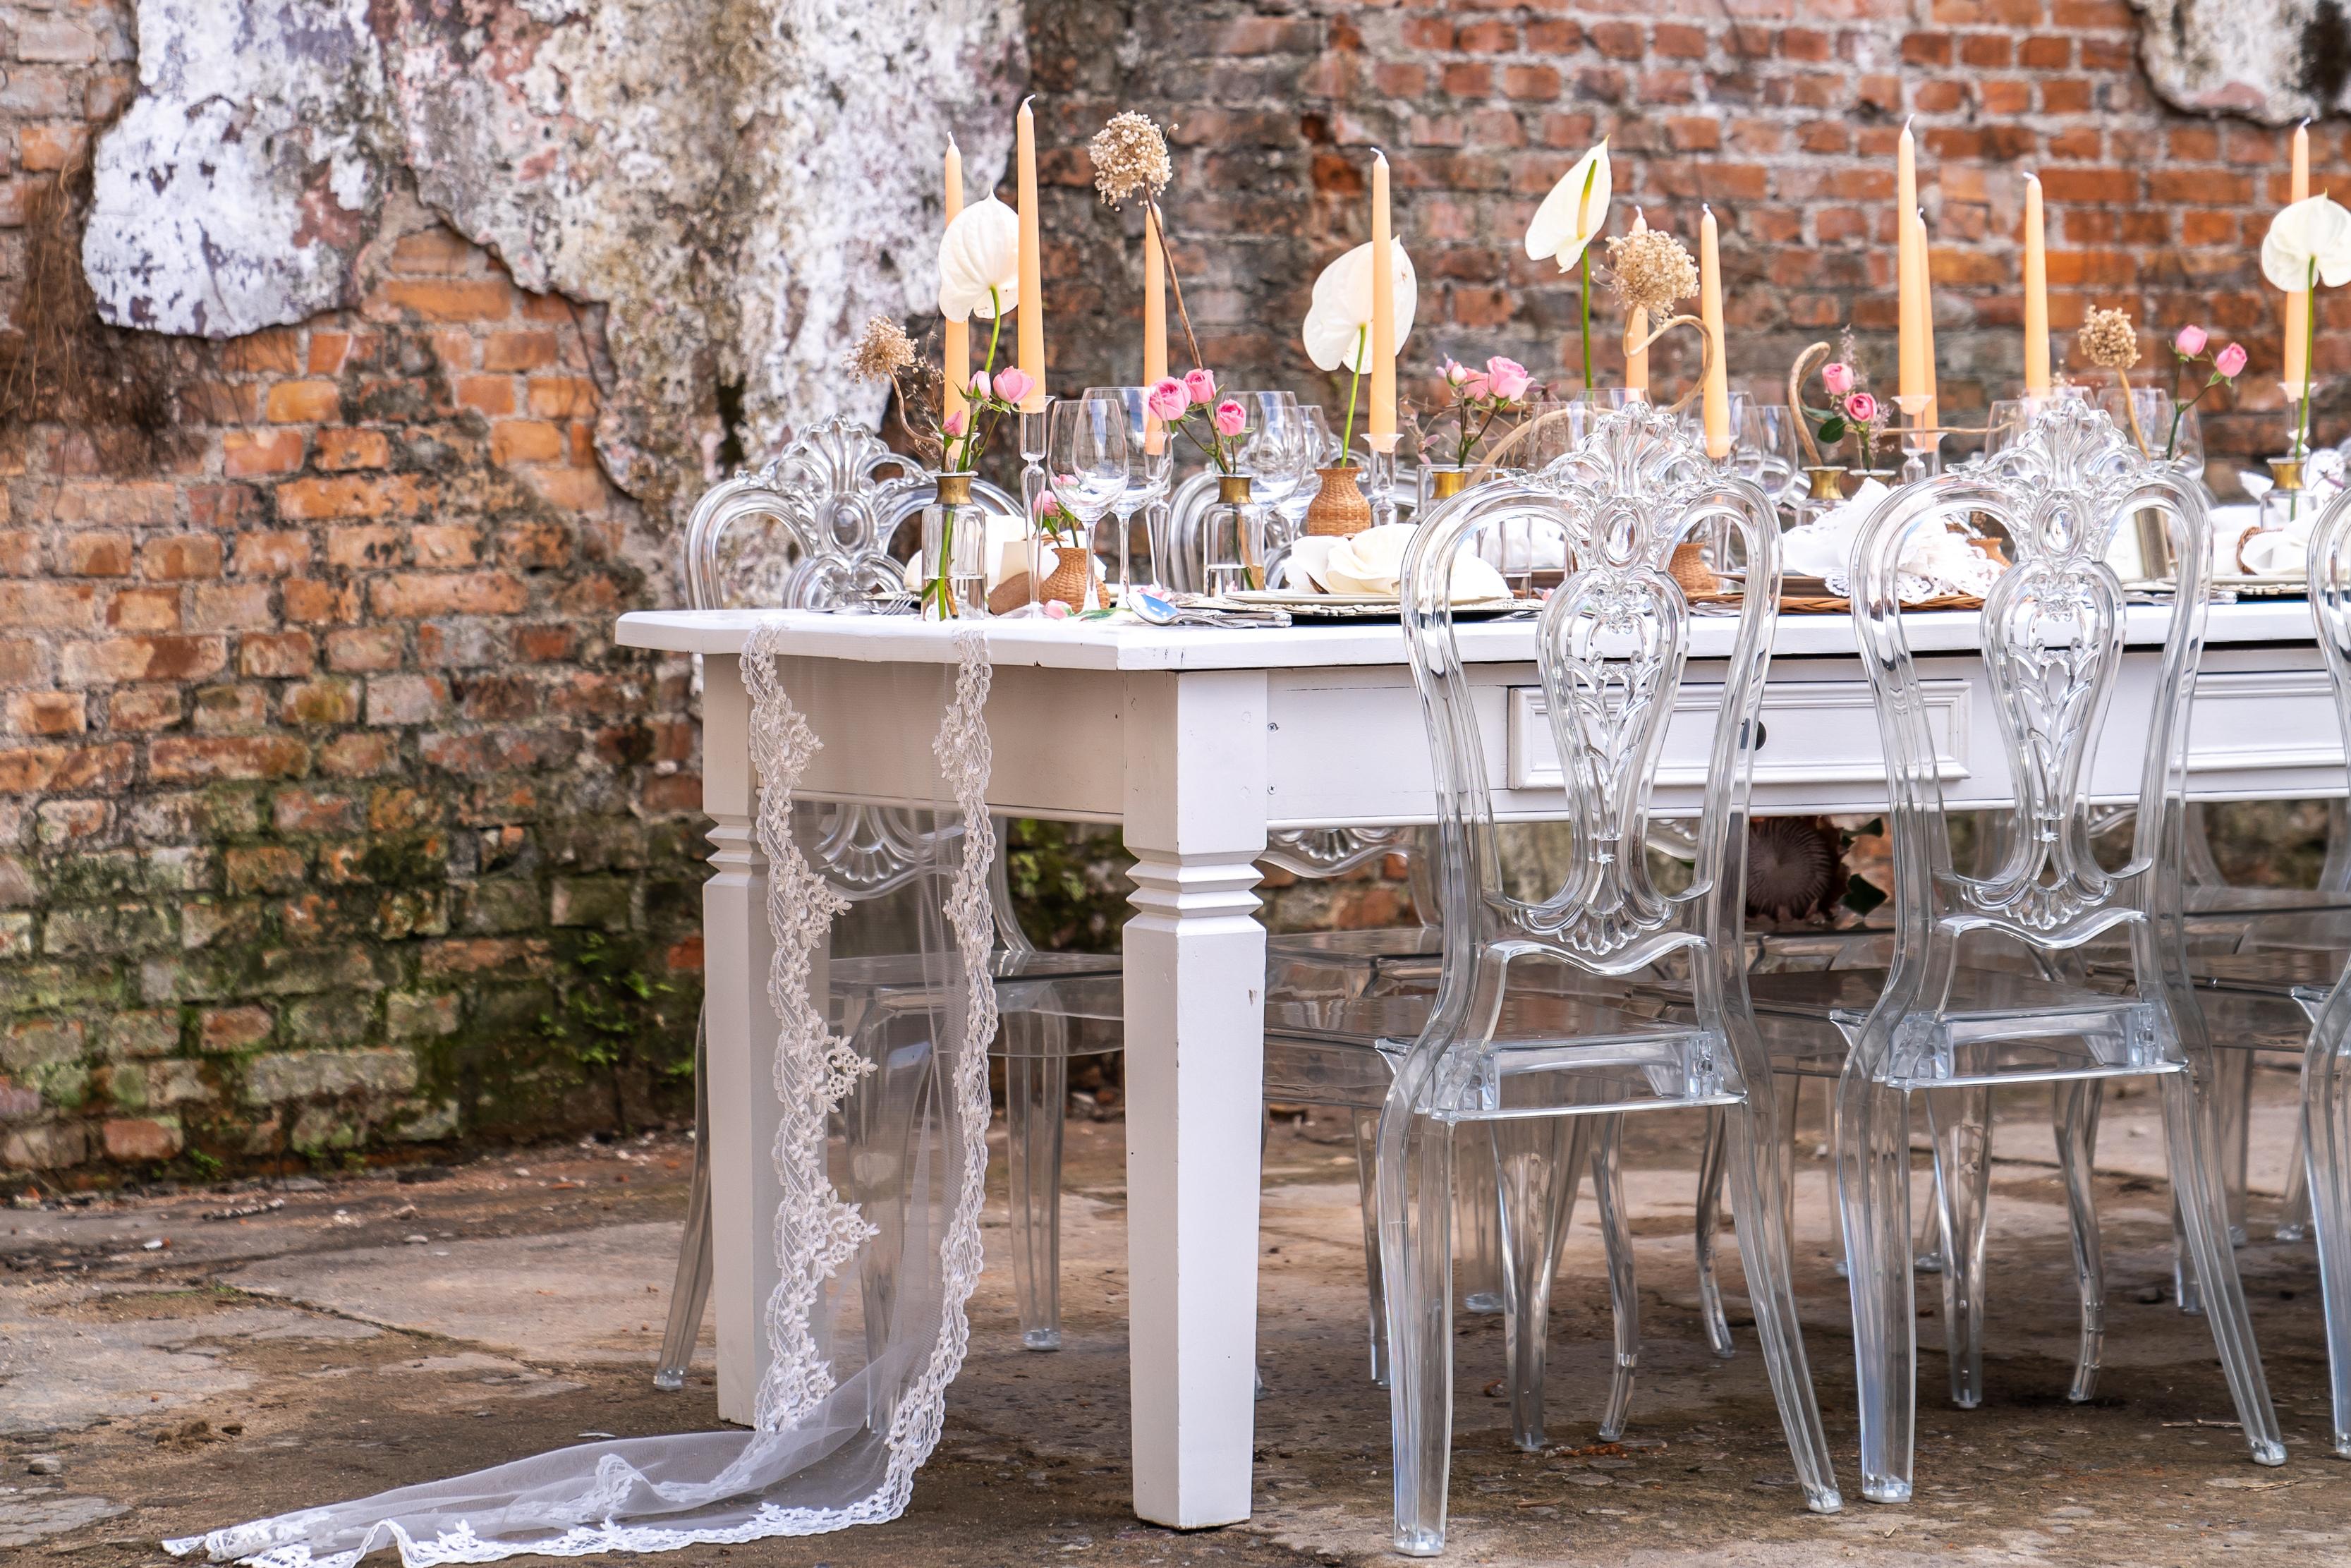 Mesa posta para um casamento dos sonhos